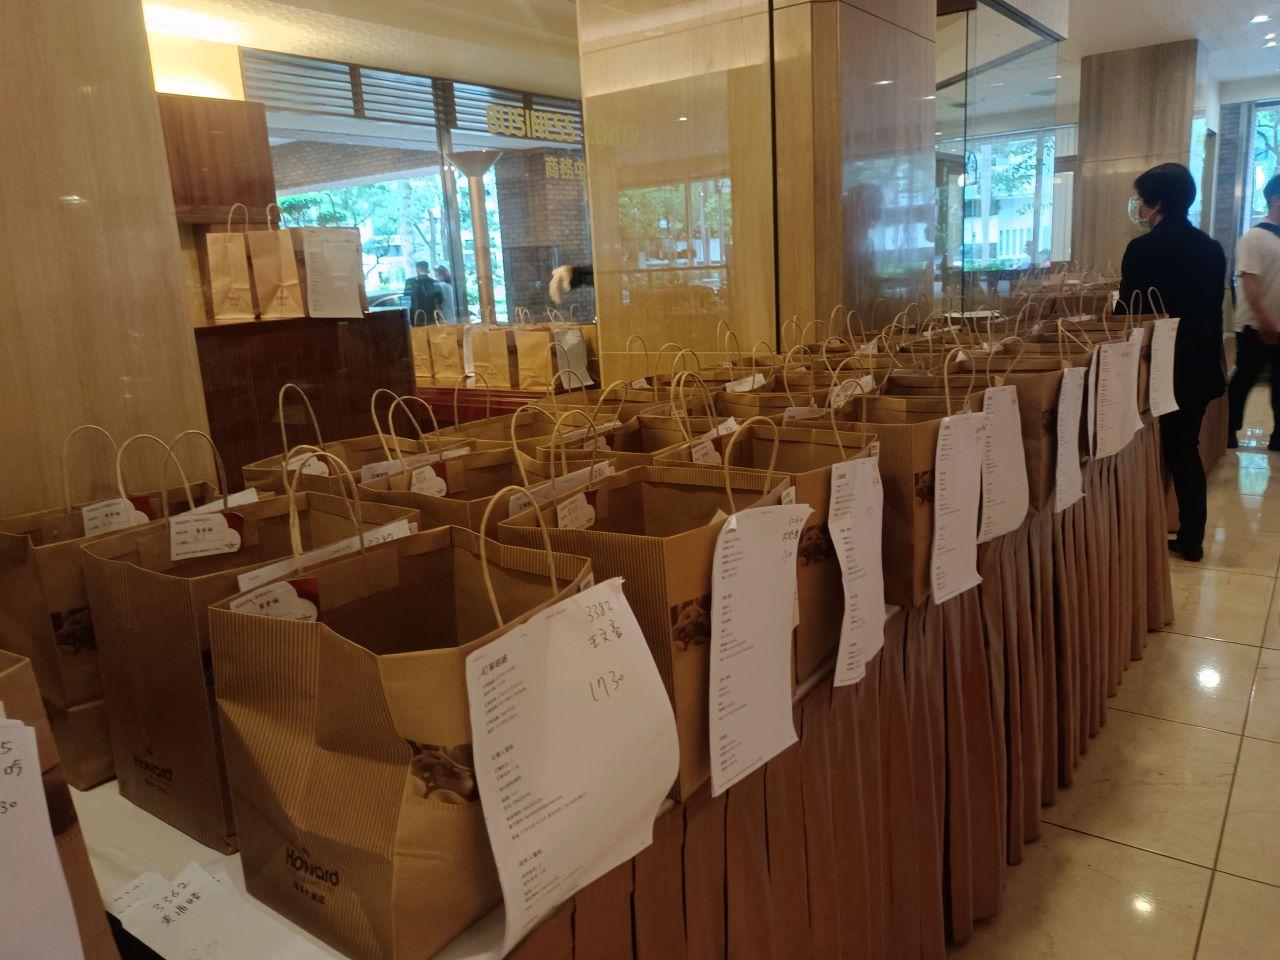 一次享受27種料理!每天限量50盒限時訂購,自取再打88折解放媽媽的好餐盒-福華大飯店珍珠坊外帶9宮格餐盒 @Nancy將的生活筆計本